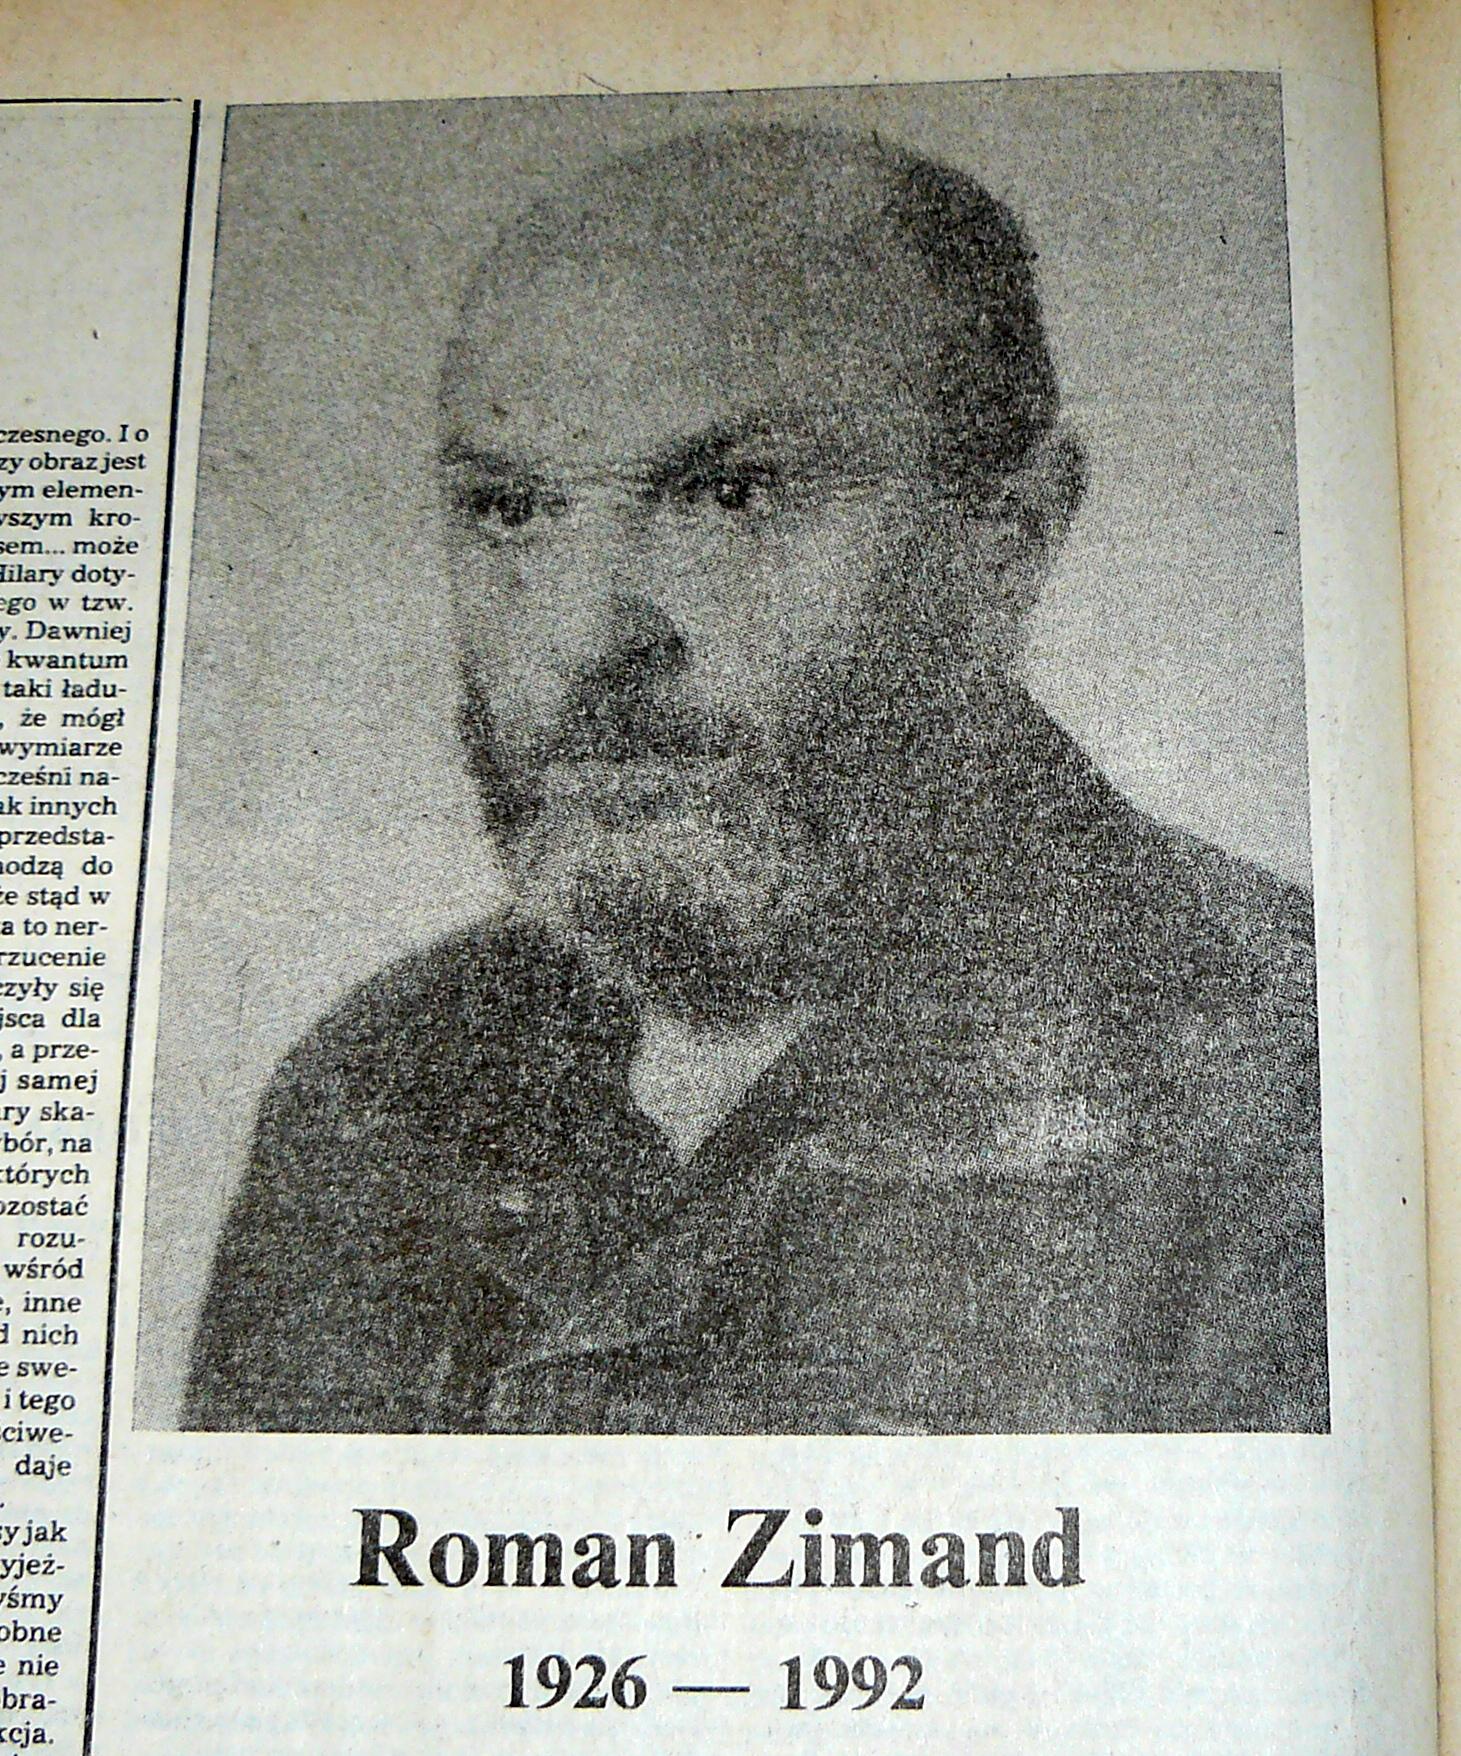 <div class='inner-box'><div class='close-desc'></div><span class='opis'>Portret Romana Zimanda ilustrujący tekst wspomnieniowy po jego śmierci, pi&oacute;ra prof. Marty Wyki. &quot;Tygodnik Powszechny&quot;, nr 18/1992 r. s.8. Autor NN.</span><div class='clearfix'></div><span>Sygn. sm00246</span><div class='clearfix'></div><span>&copy; Instytut Literacki</span></div>